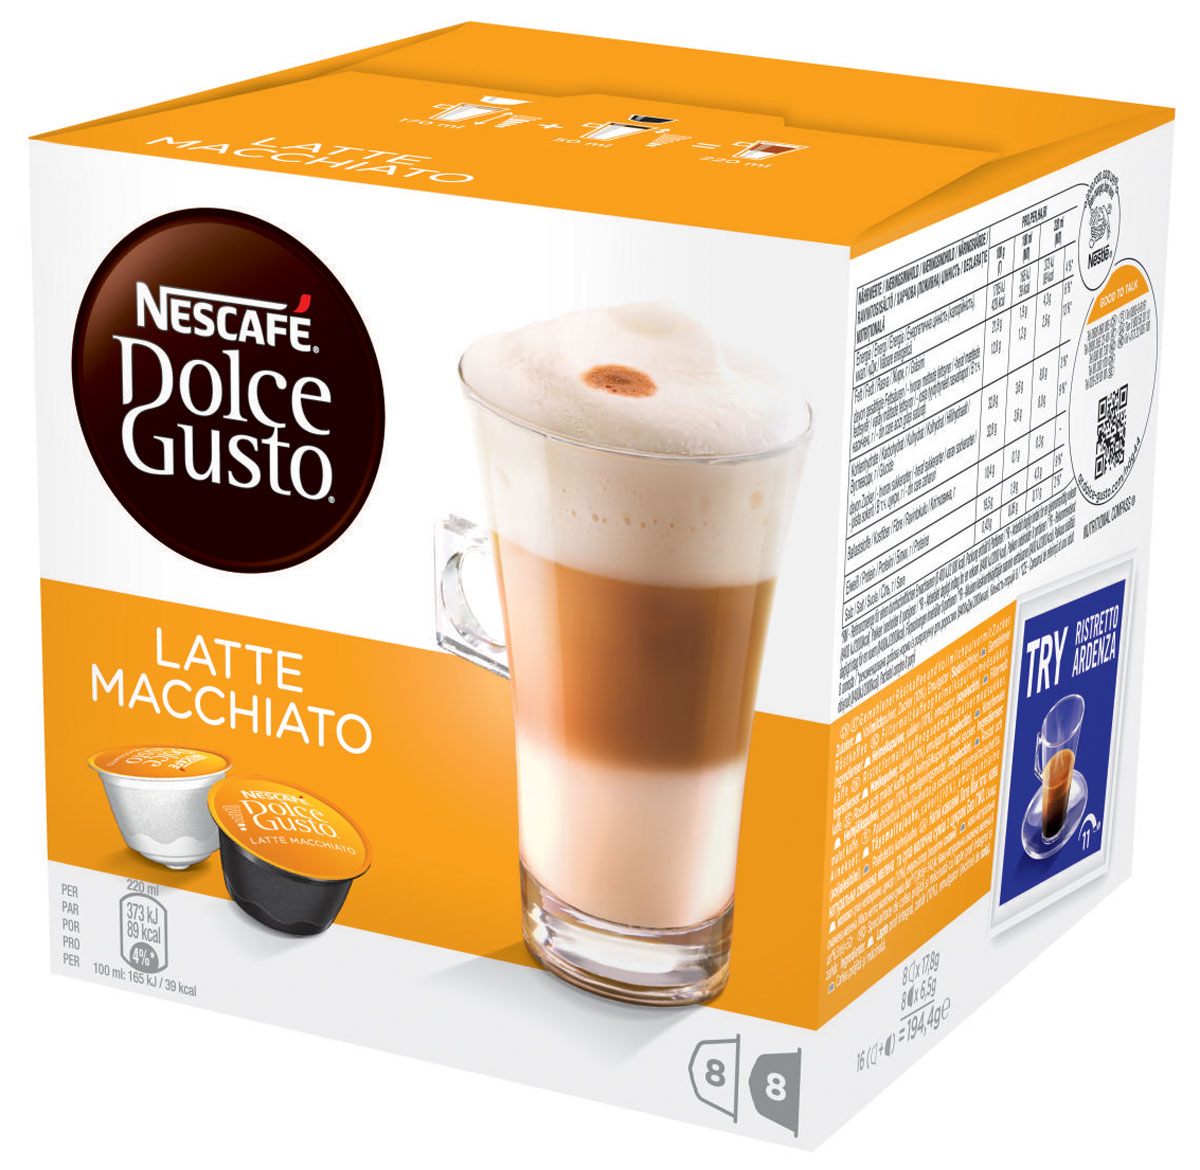 Nescafe Dolce Gusto Latte Macchiato кофе в капсулах, 16 шт5219838Nescafe Dolce Gusto Latte Macchiato – перевернутый вверх дном латте с небольшой изюминкой. Великолепный, мягкий, со сладковатыми оттенками, капсульный Latte Macchiato превращается в удивительный напиток, который будет восхищать вас каждый раз.Молоко цвета бисквита в качестве нижнего слоя, переходящее в более темный слой кофе, создаст атмосферу настоящего праздника. Latte Macchiato с итальянского переводится как подкрашенное молоко. Эспрессо наливается поверх молока, создавая своеобразный слоистый узор, который ни с чем не спутаешь, и затем переходит в изысканную молочную пену. Latte Macchiato украшается элегантной темной кофейной точкой в качестве легко узнаваемой подписи. Вам не нужно далеко ходить, чтобы выпить такой красивый и вкусный кофе, потому что ваша кофемашина Nescafe Dolce Gusto способна создать напиток на уровне кофейни прямо у вас на кухне. Latte Macchiato поможет вам насладиться минутами для себя или же вызовет восхищение в компании друзей.В состав набора входят:8 кофейных капсул (кофе натуральный жареный молотый)8 молочных капсул (сухое цельное молоко, сахар, эмульгатор (соевый лецитин))Кофе: мифы и факты. Статья OZON Гид